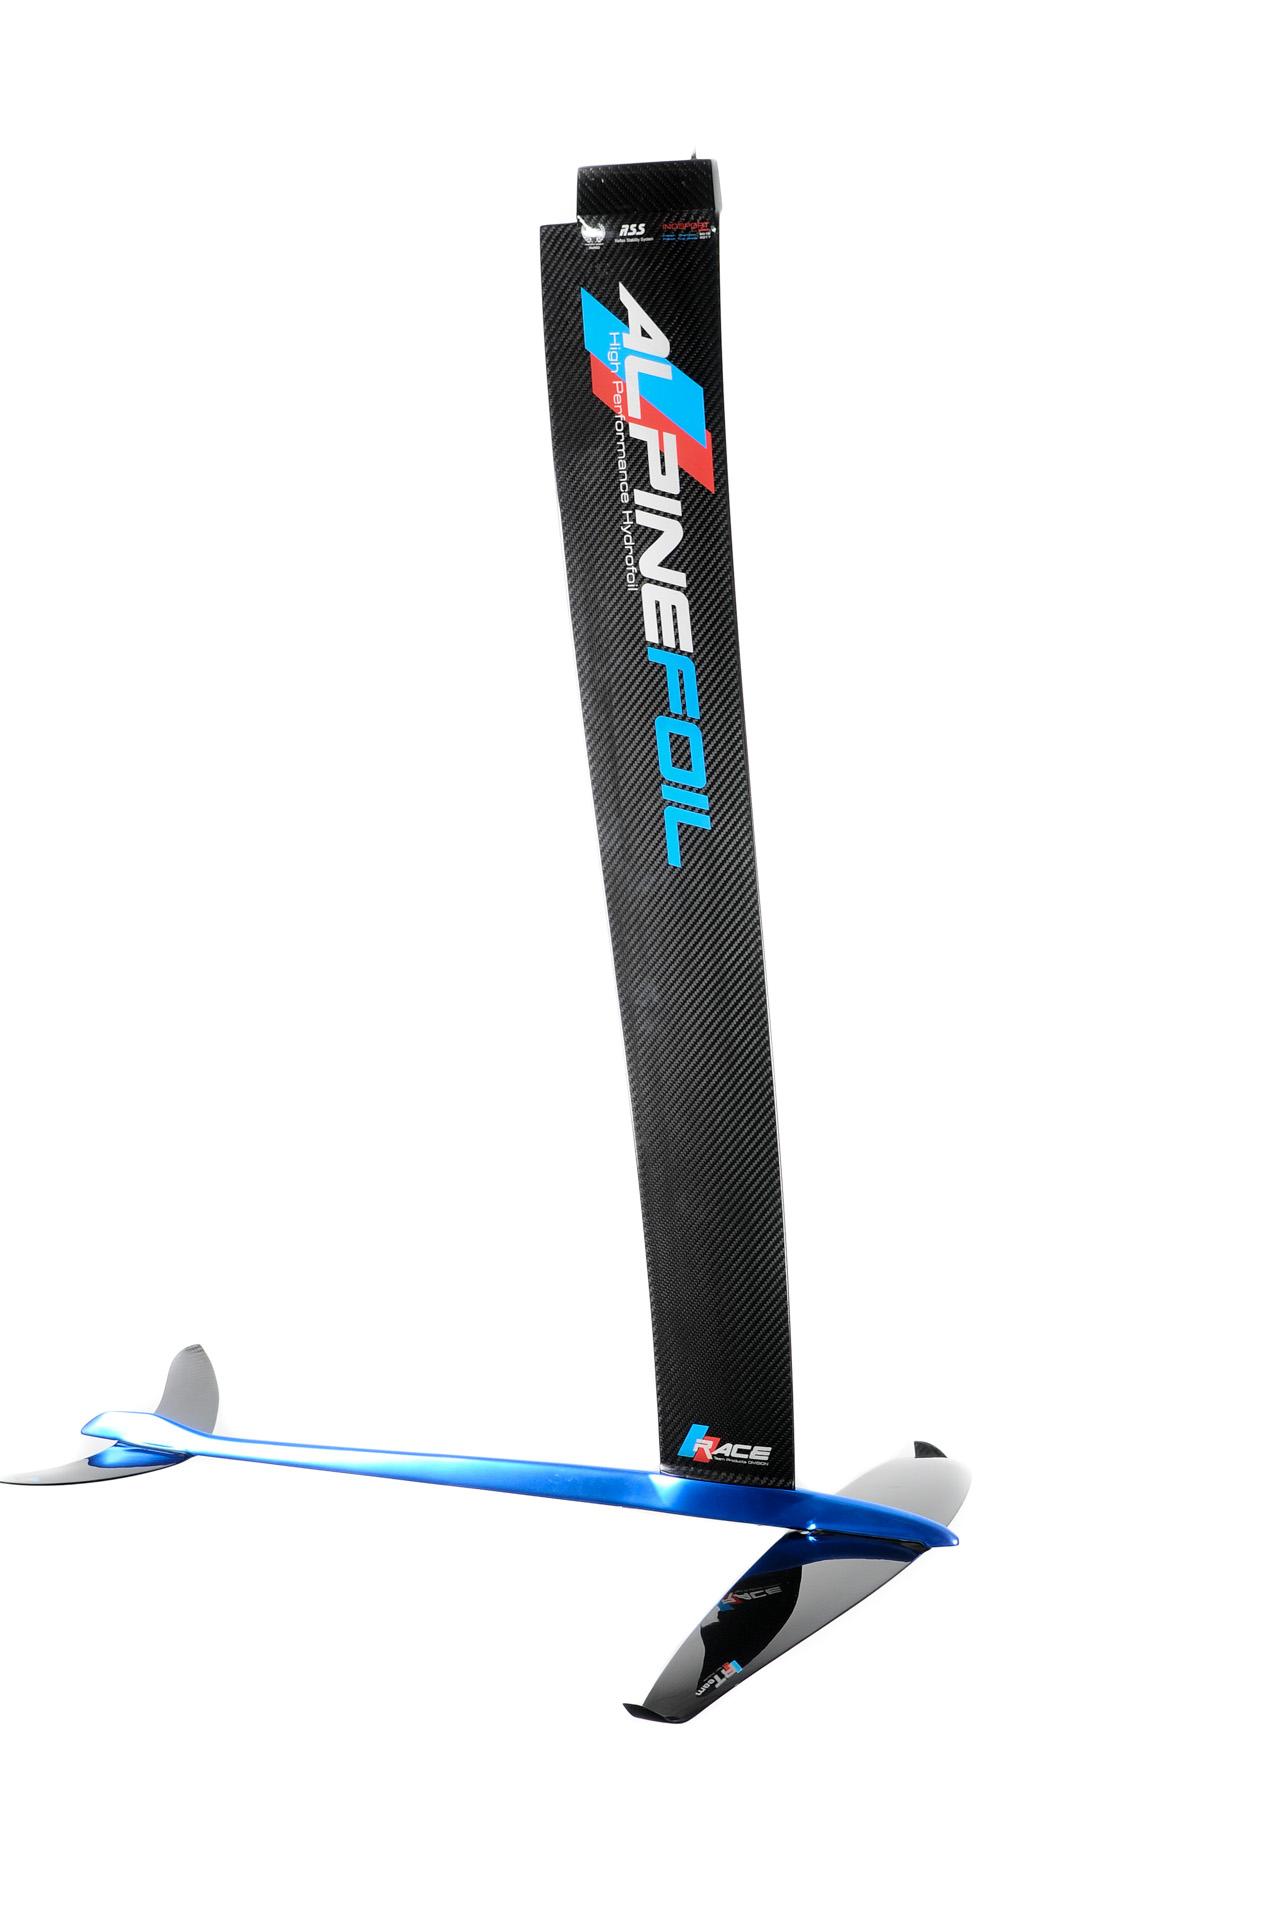 Kitefoil alpinefoil full race 1137